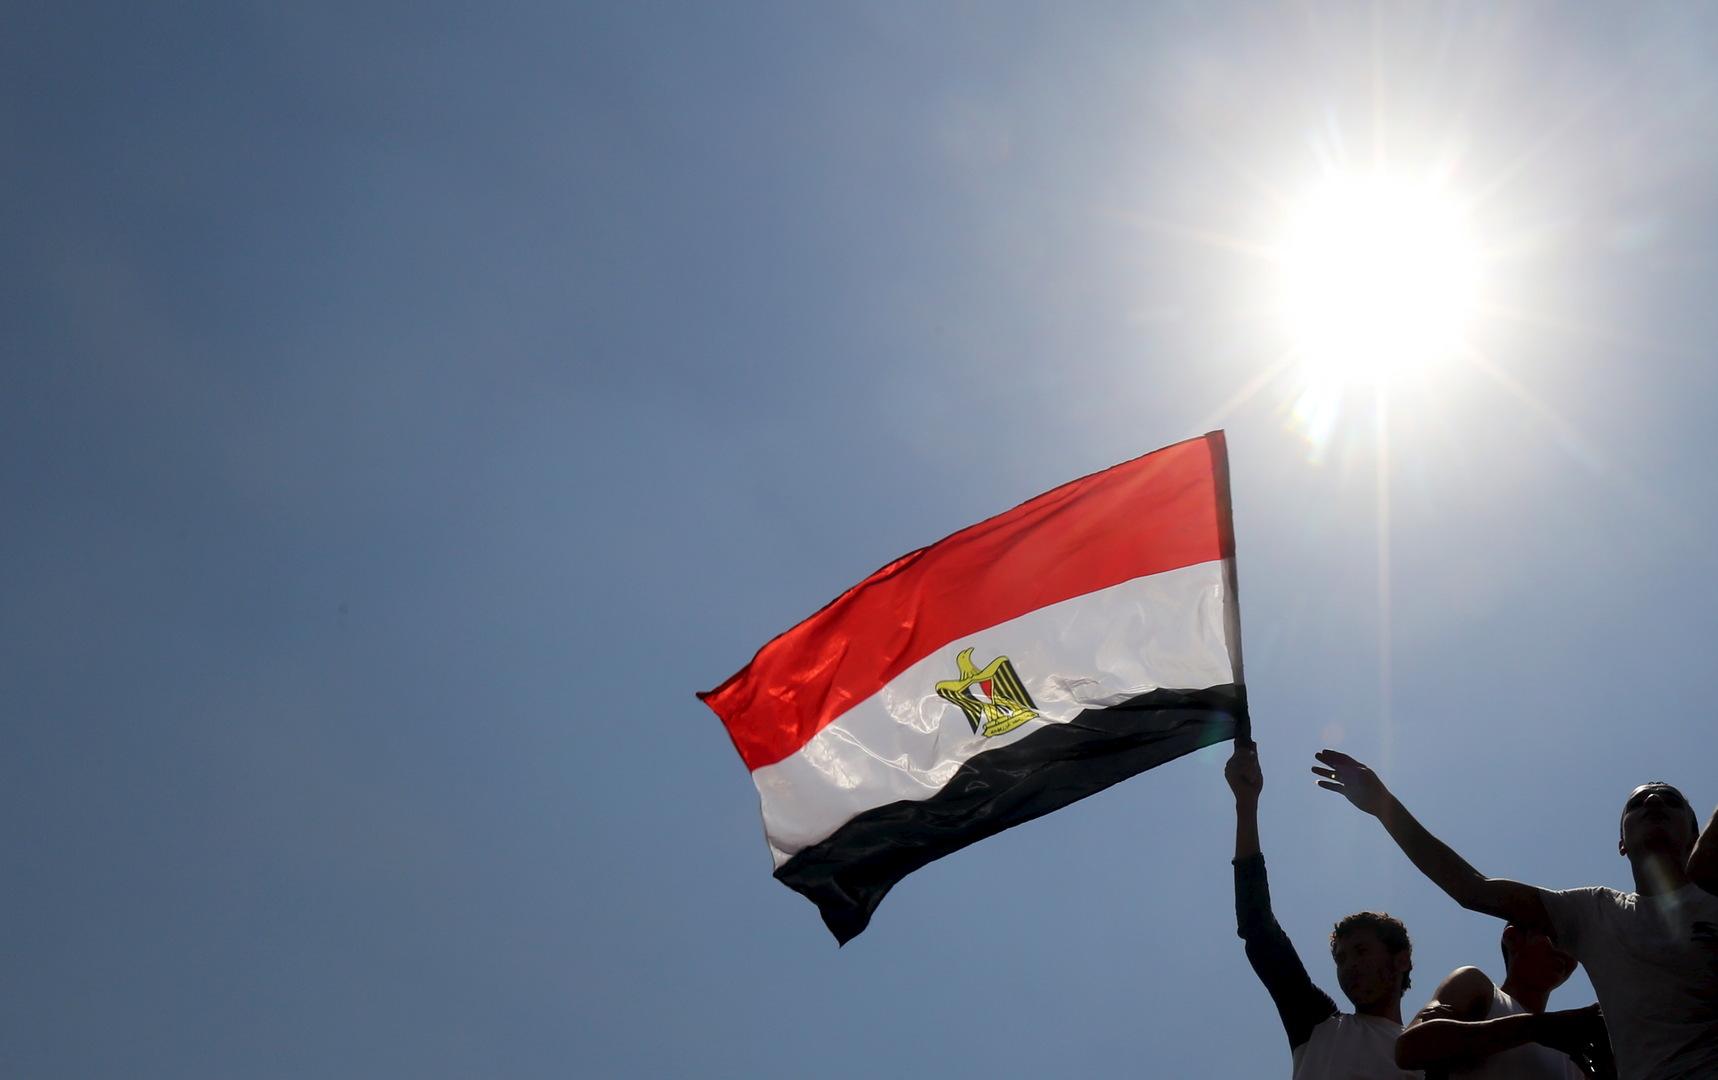 مصر.. محكمة تصدر حكما ضد مدرس تحرش جماعيا بـ120 تلميذة